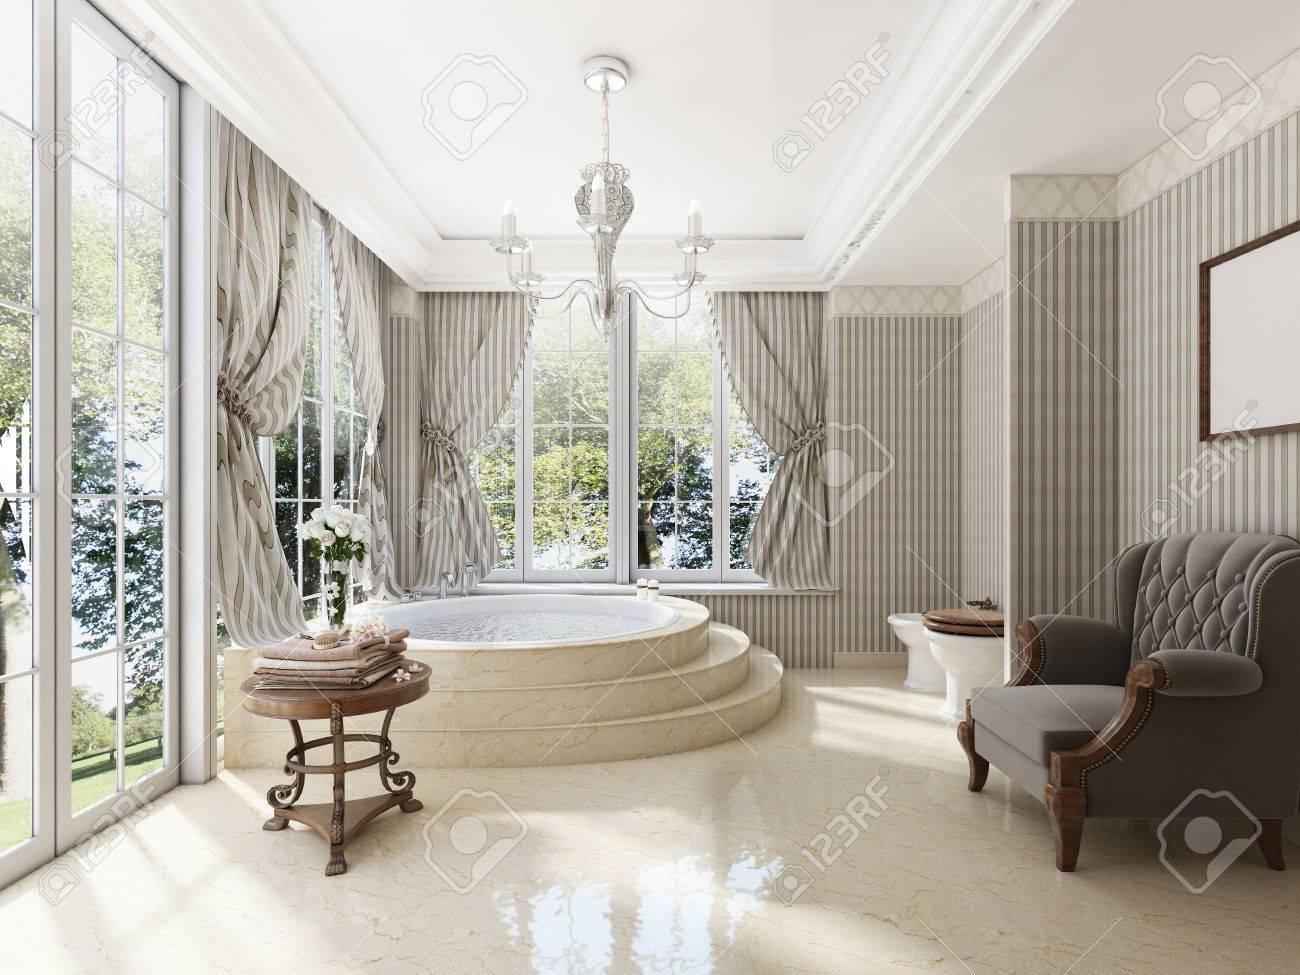 salle de bains dans le luxe de style neo classique avec eviers et baignoires une grande baignoire ronde avec marches en marbre un fauteuil